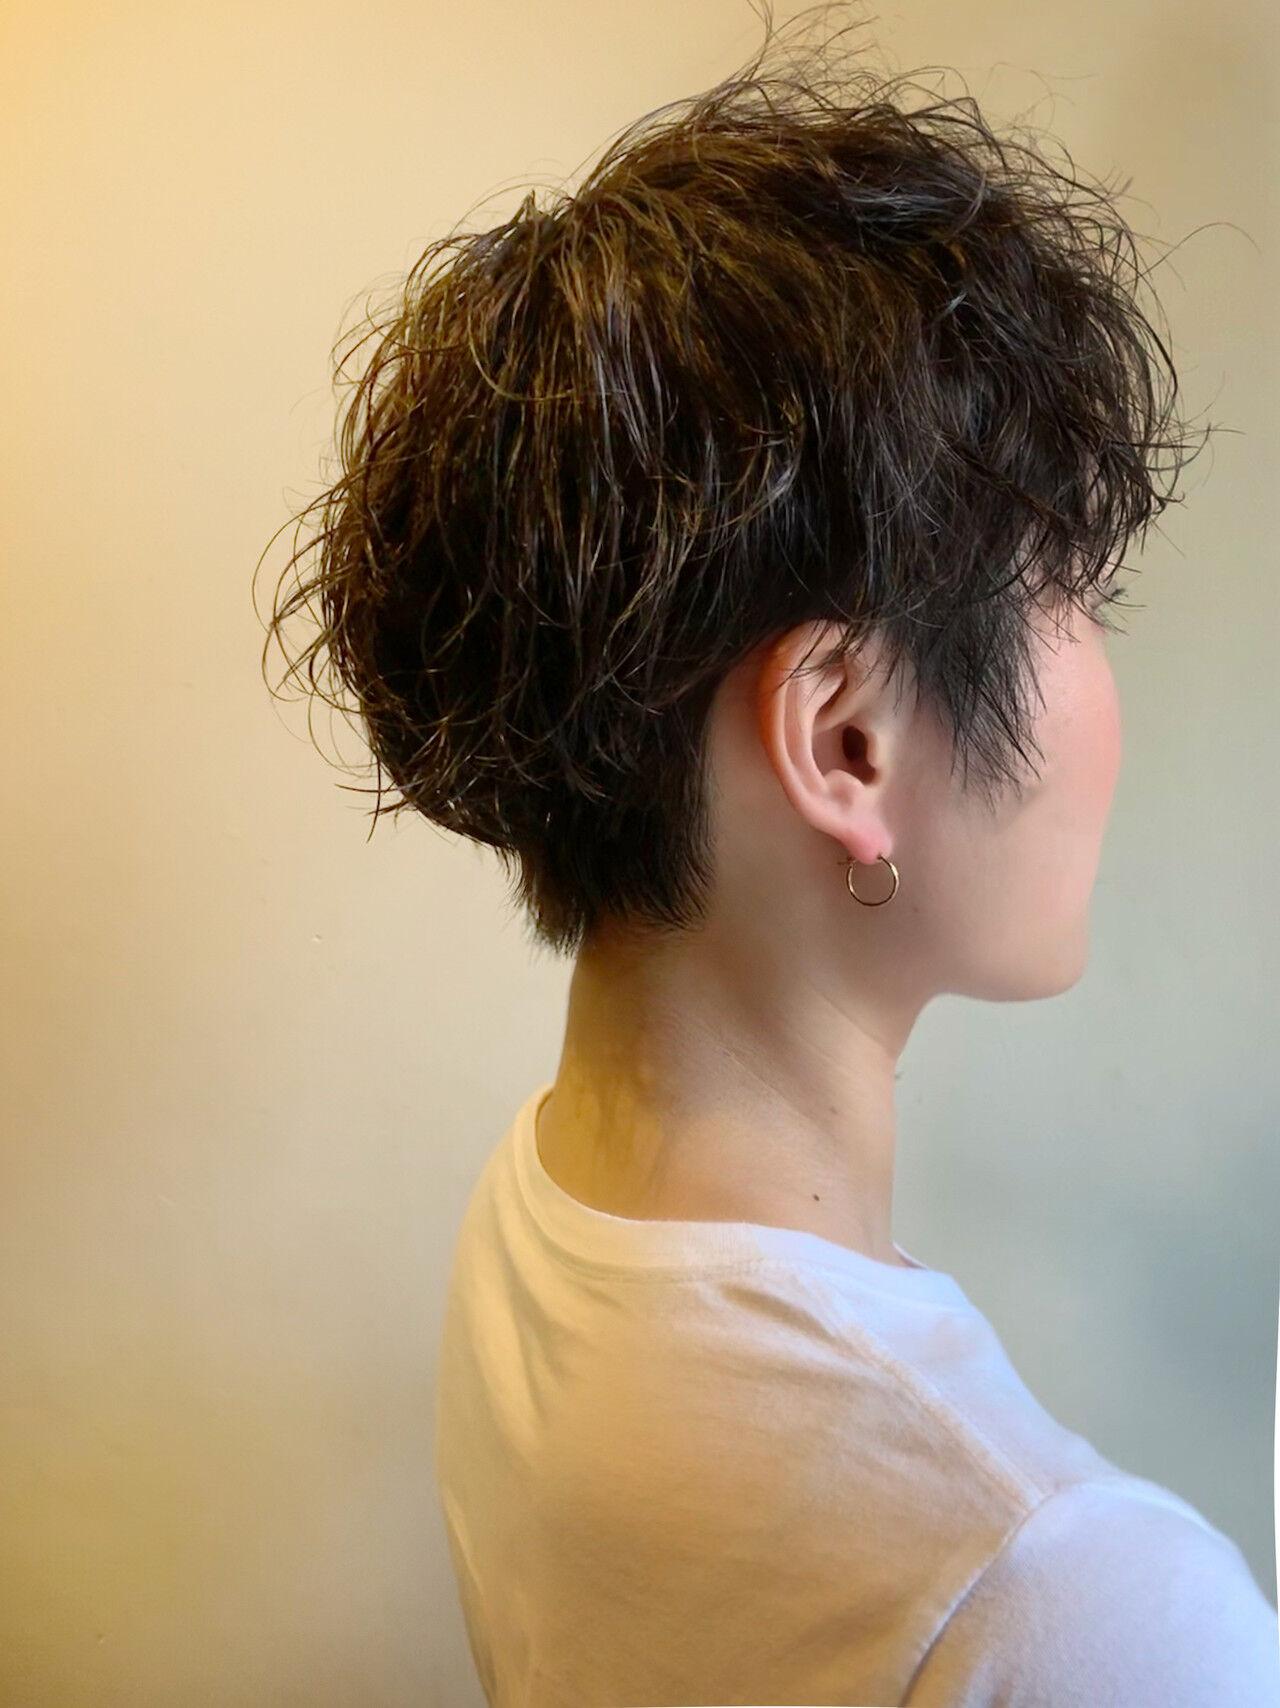 黒髪 ナチュラル マッシュショート ショートヘアスタイルや髪型の写真・画像